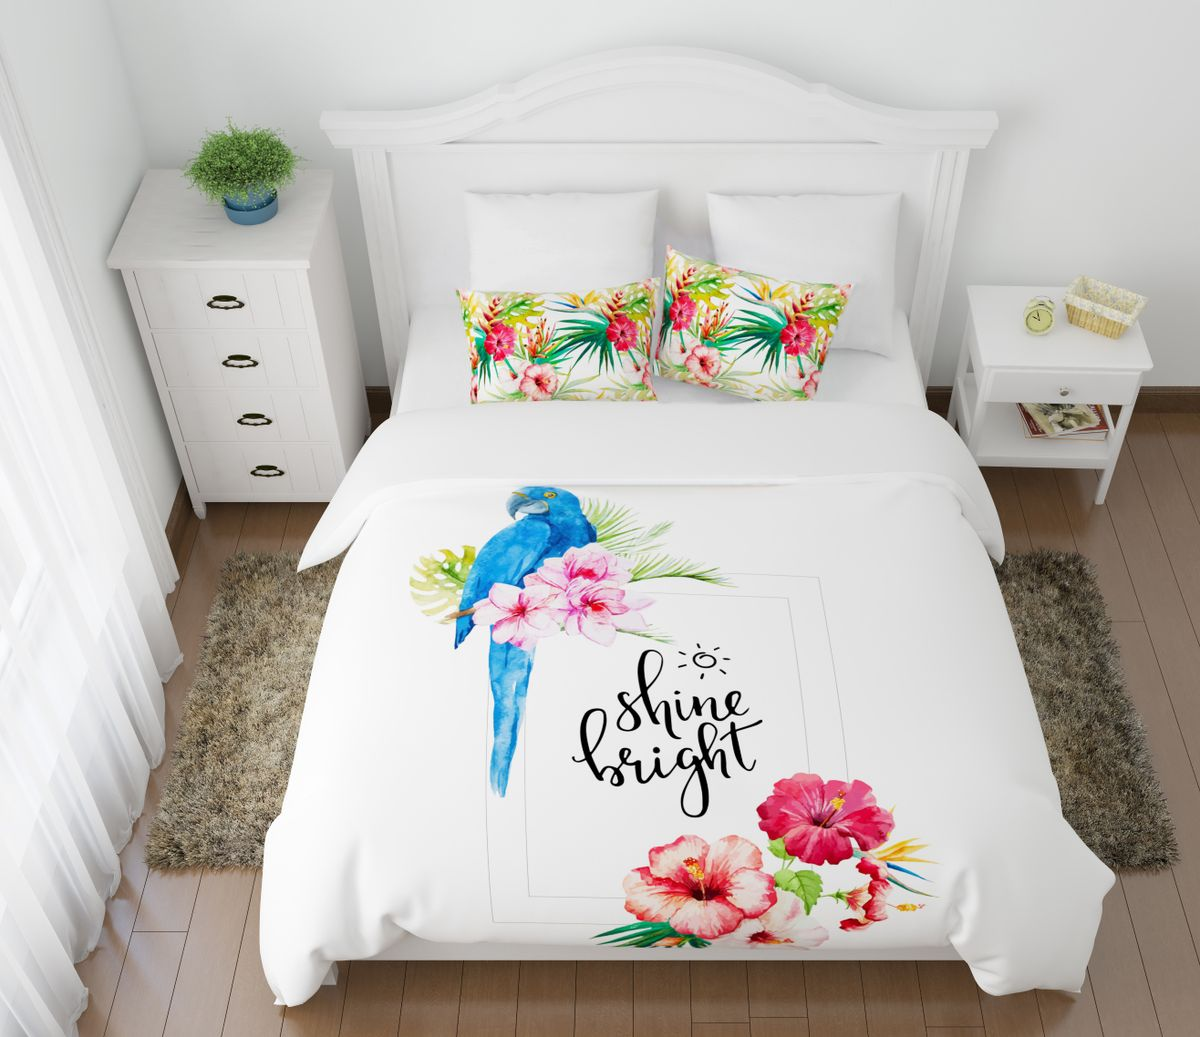 Комплект белья Сирень Голубой попугай, 2-спальный, наволочки 50х70FD-59Комплект постельного белья Сирень выполнен из прочной и мягкой ткани. Четкий и стильный рисунок в сочетании с насыщенными красками делают комплект постельного белья неповторимой изюминкой любого интерьера.Постельное белье идеально подойдет для подарка. Идеальное соотношение смешенной ткани и гипоаллергенных красок - это гарантия здорового, спокойного сна. Ткань хорошо впитывает влагу, надолго сохраняет яркость красок.В комплект входят: простынь, пододеяльник, две наволочки. Постельное белье легко стирать при 30-40°С, гладить при 150°С, не отбеливать. Рекомендуется перед первым использованием постирать.УВАЖАЕМЫЕ КЛИЕНТЫ! Обращаем ваше внимание, что цвет простыни, пододеяльника, наволочки в комплектации может немного отличаться от представленного на фото.